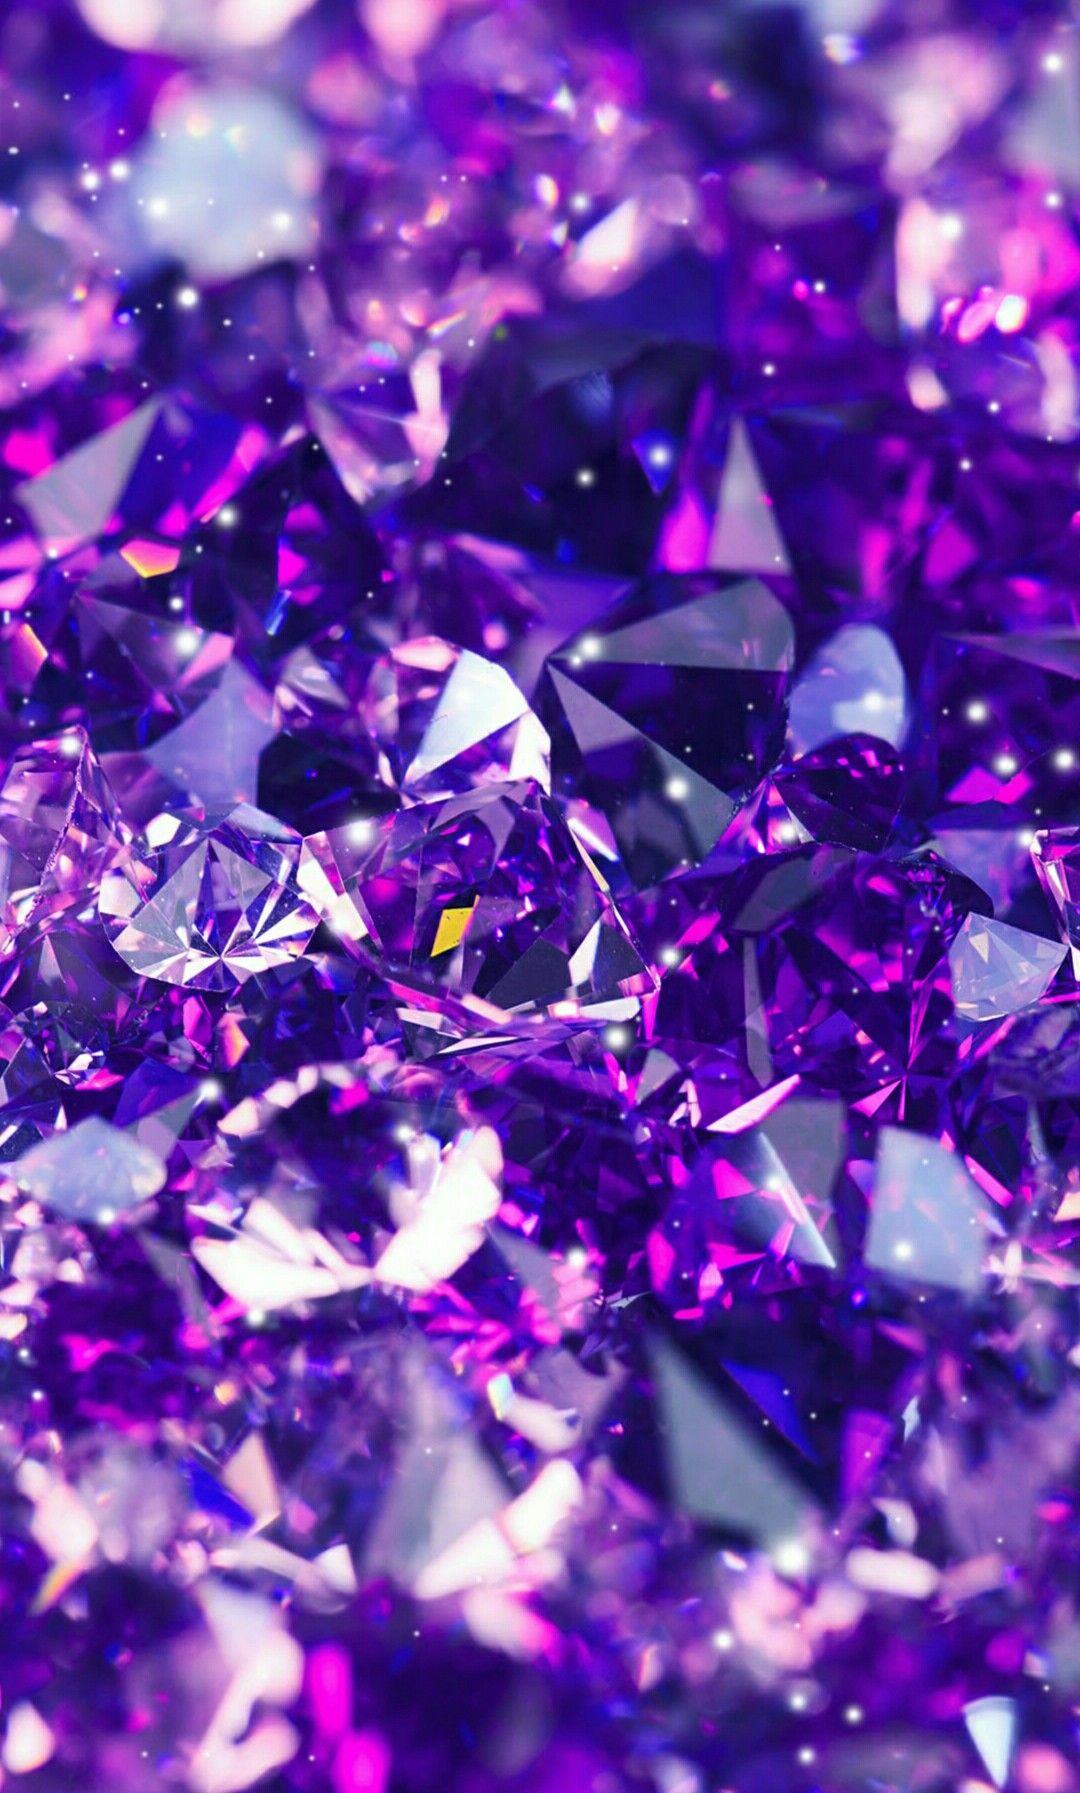 紫色のダイヤモンド 紫色のiphoneの壁紙 1080x1793 Wallpapertip